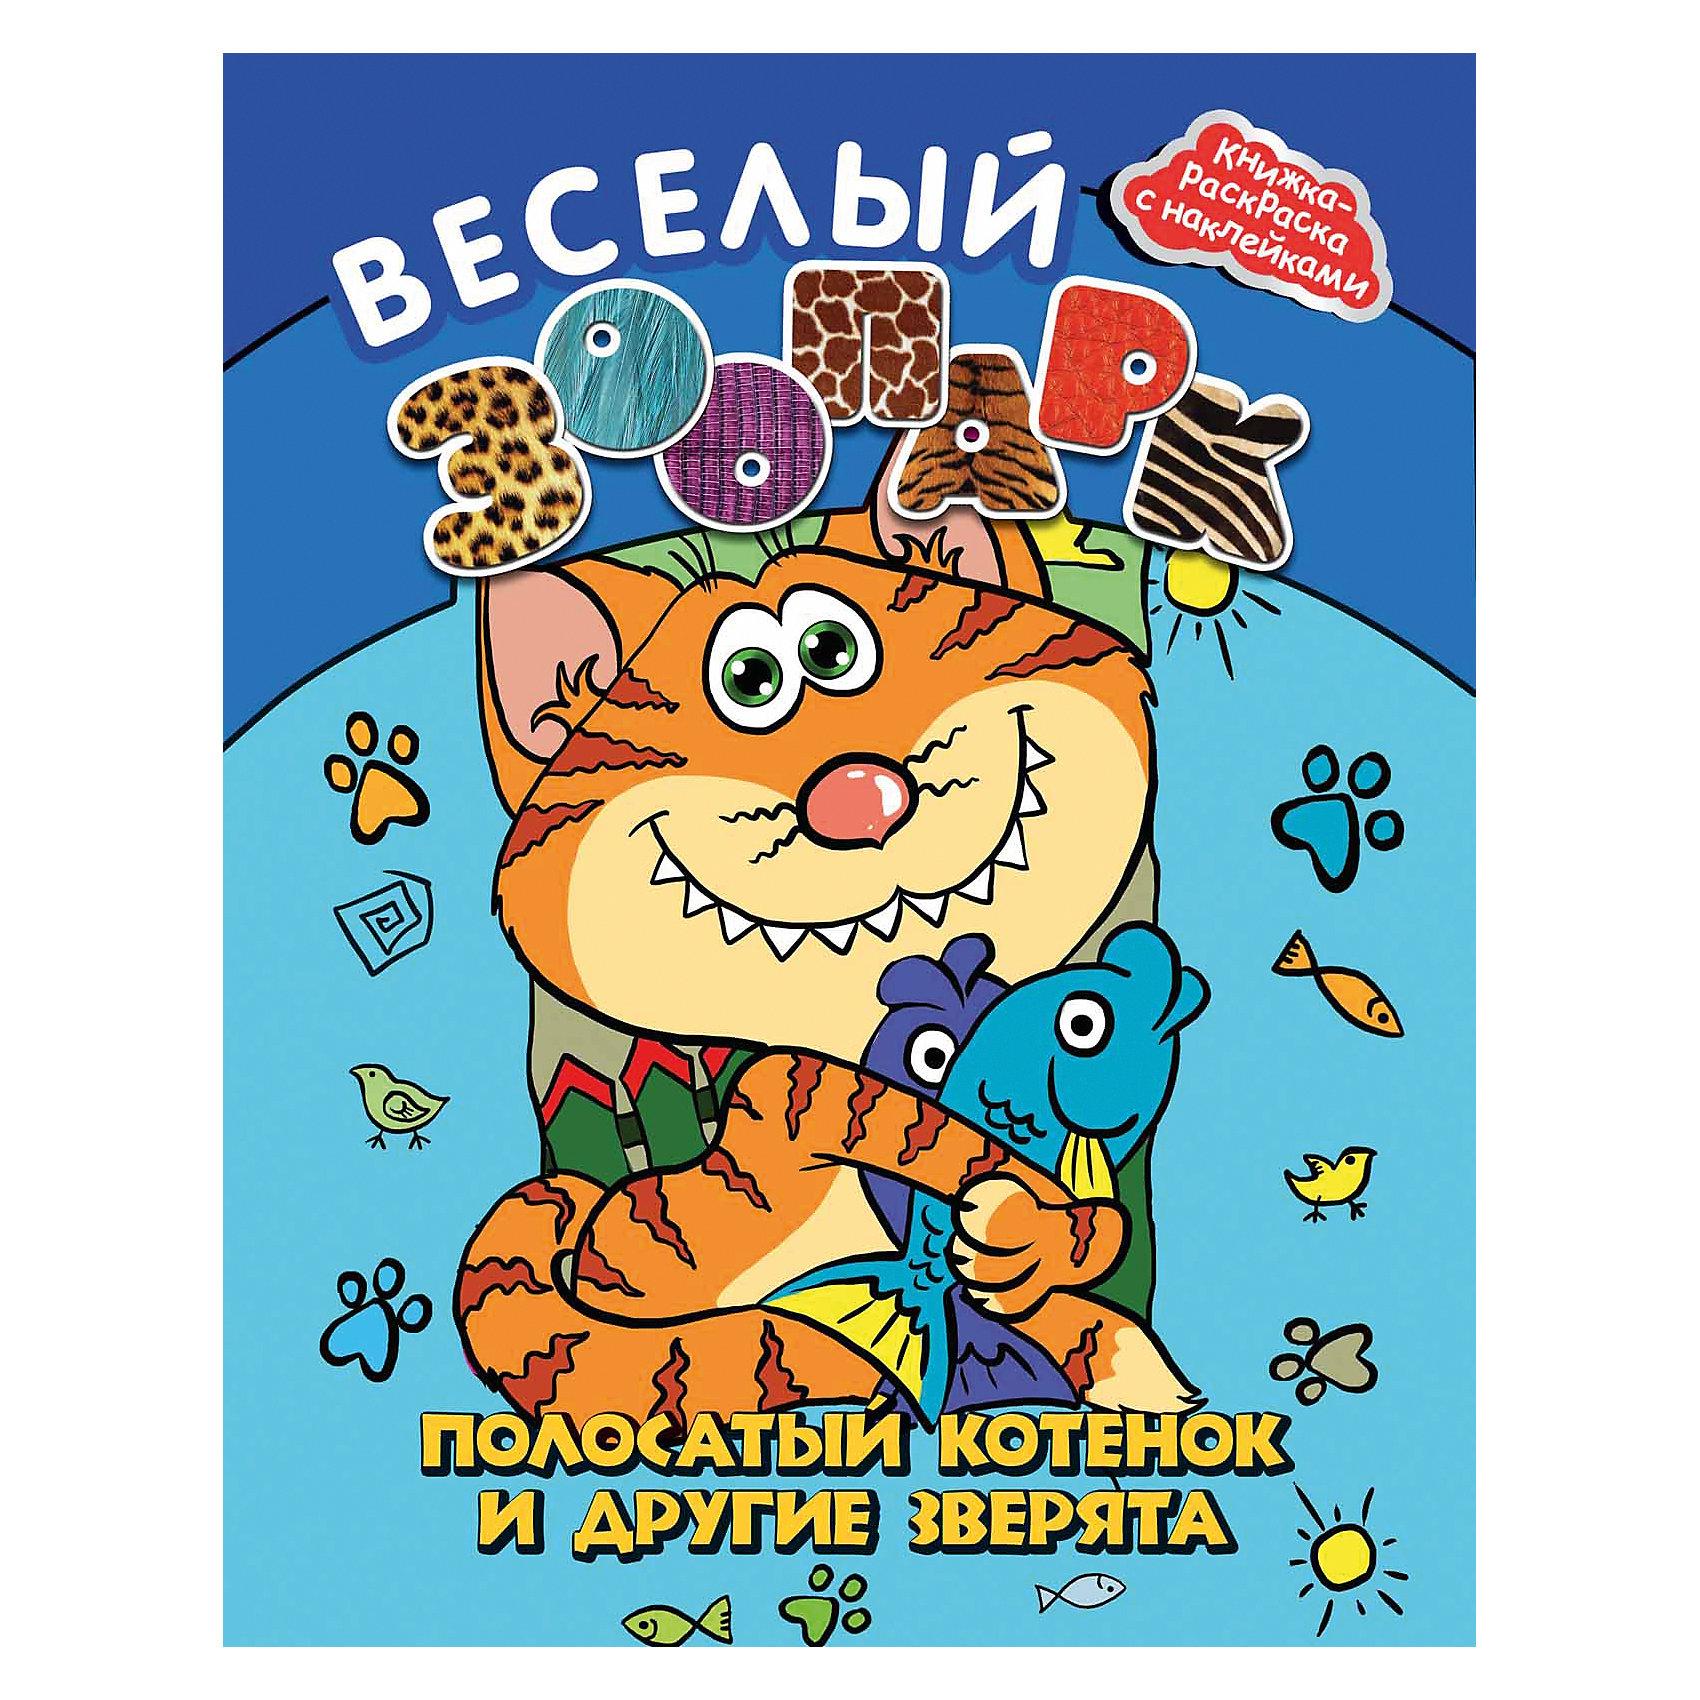 Веселый зоопарк Полосатый котенок и другие зверятаРисование<br>Веселый зоопарк Полосатый котенок и другие зверята – эта увлекательная книжка-раскраска с наклейками скрасит досуг вашего малыша.<br>Замечательная раскраска Веселый зоопарк Полосатый котенок и другие зверята обязательно понравится вашему малышу - скучать ему не придется! Сначала нужно раскрасить полосатого котёнка и его друзей, а потом сделать им смешные рожицы из наклеек — полный простор для творчества. Эта книга очень полезна. Она развивает логическое и художественное мышление ребёнка, моторику его пальчиков, внимательность и аккуратность.<br><br>Дополнительная информация:<br><br>- Редактор: Соснина Н. А.<br>- Издательство: Феникс-Премьер, 2015 г.<br>- Тип обложки: мягкий переплет (крепление скрепкой или клеем)<br>- Оформление: частичная лакировка, с наклейками<br>- Иллюстрации: черно-белые<br>- Количество страниц: 8 (офсет)<br>- Размер: 260x200x3 мм.<br>- Вес: 60 гр.<br><br>Книгу Веселый зоопарк Полосатый котенок и другие зверята можно купить в нашем интернет-магазине.<br><br>Ширина мм: 198<br>Глубина мм: 1<br>Высота мм: 250<br>Вес г: 60<br>Возраст от месяцев: 60<br>Возраст до месяцев: 96<br>Пол: Унисекс<br>Возраст: Детский<br>SKU: 4637811